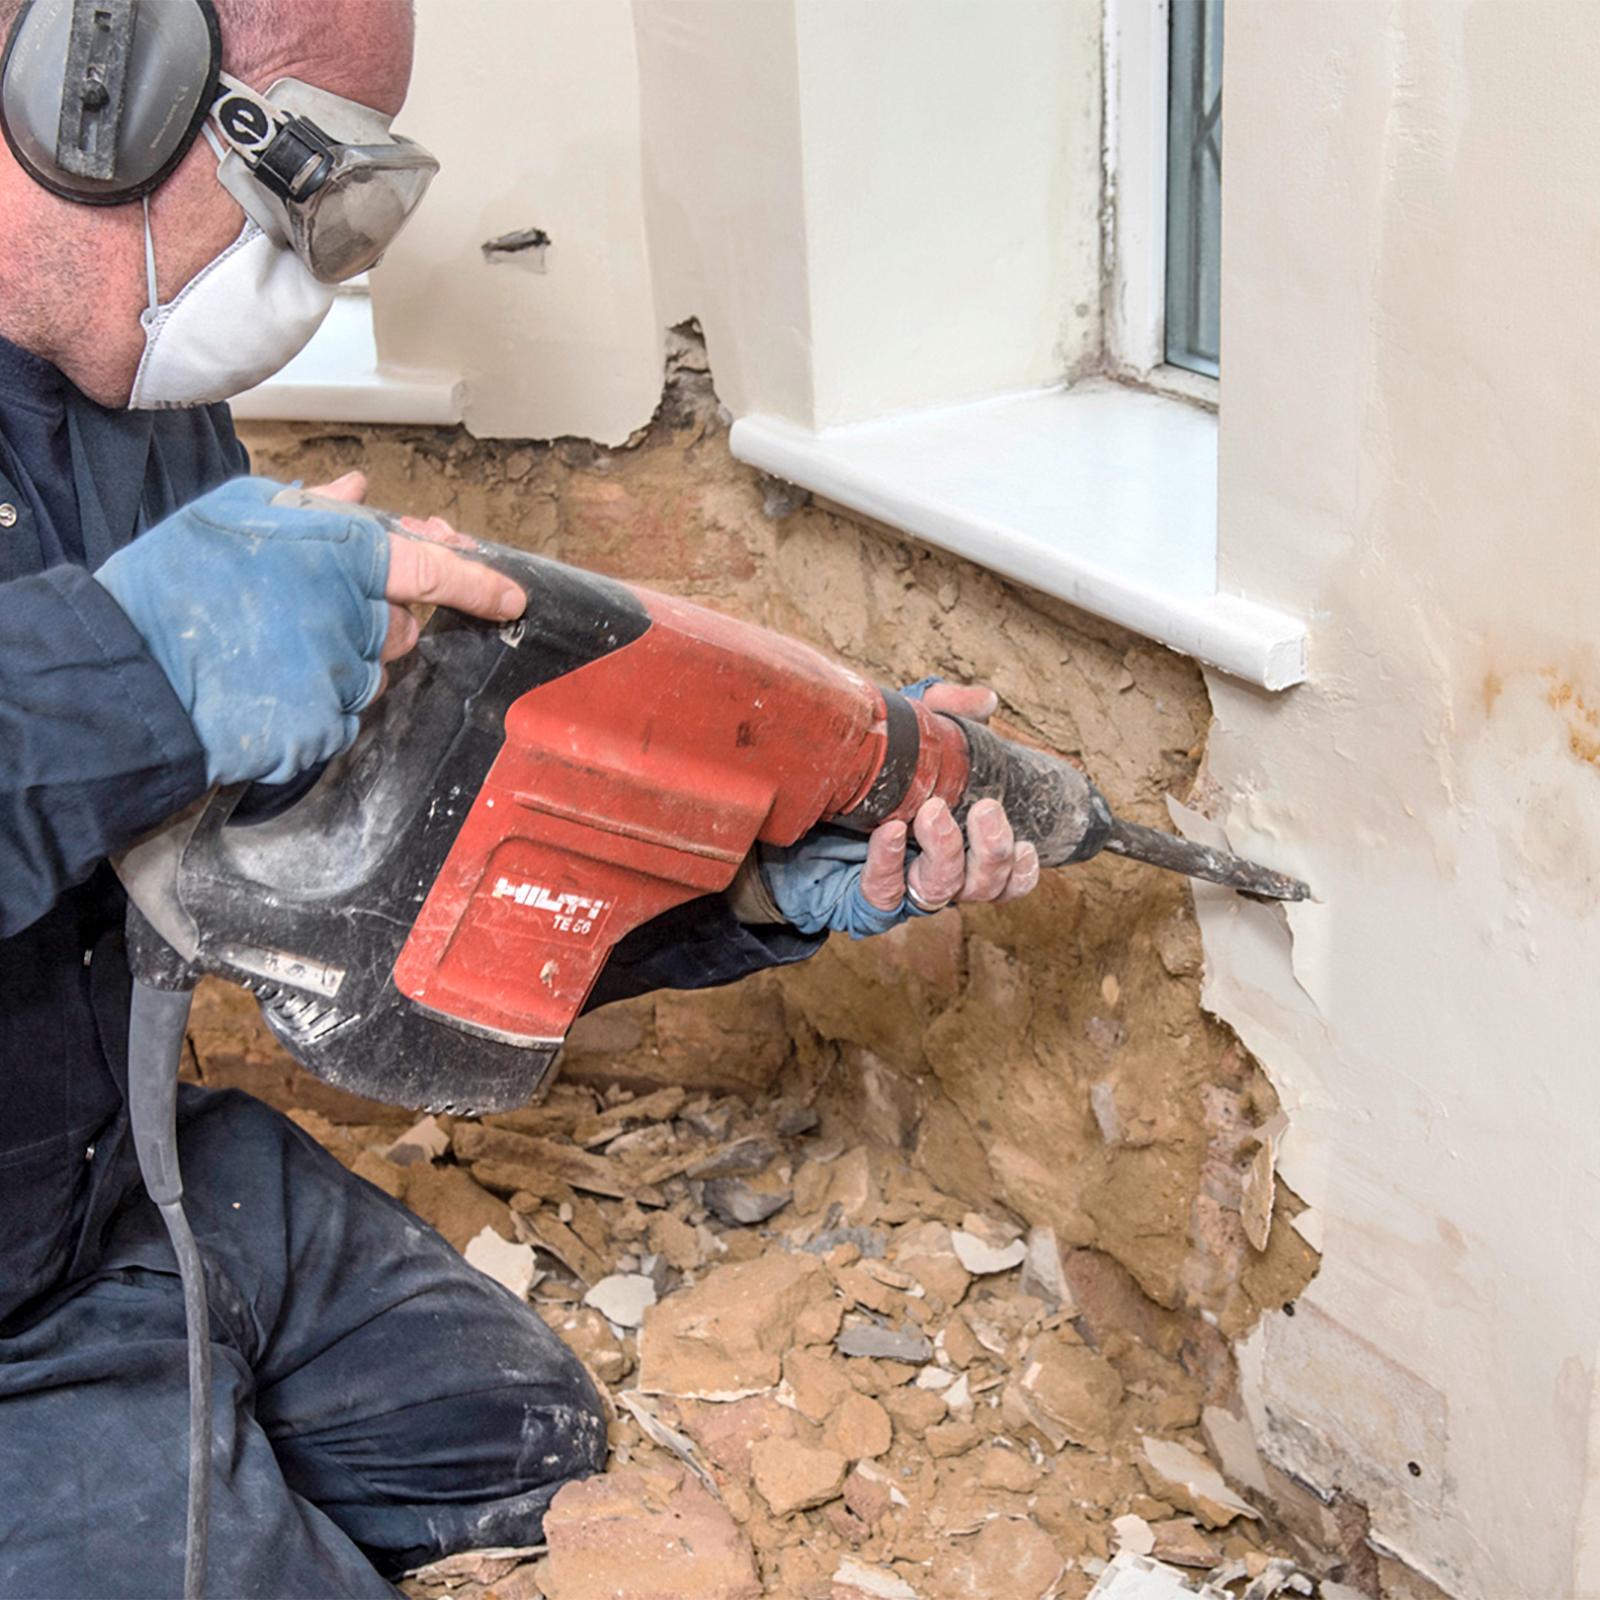 maschine putz entfernen: monsterhaus ziegelgewölbe putz restlos